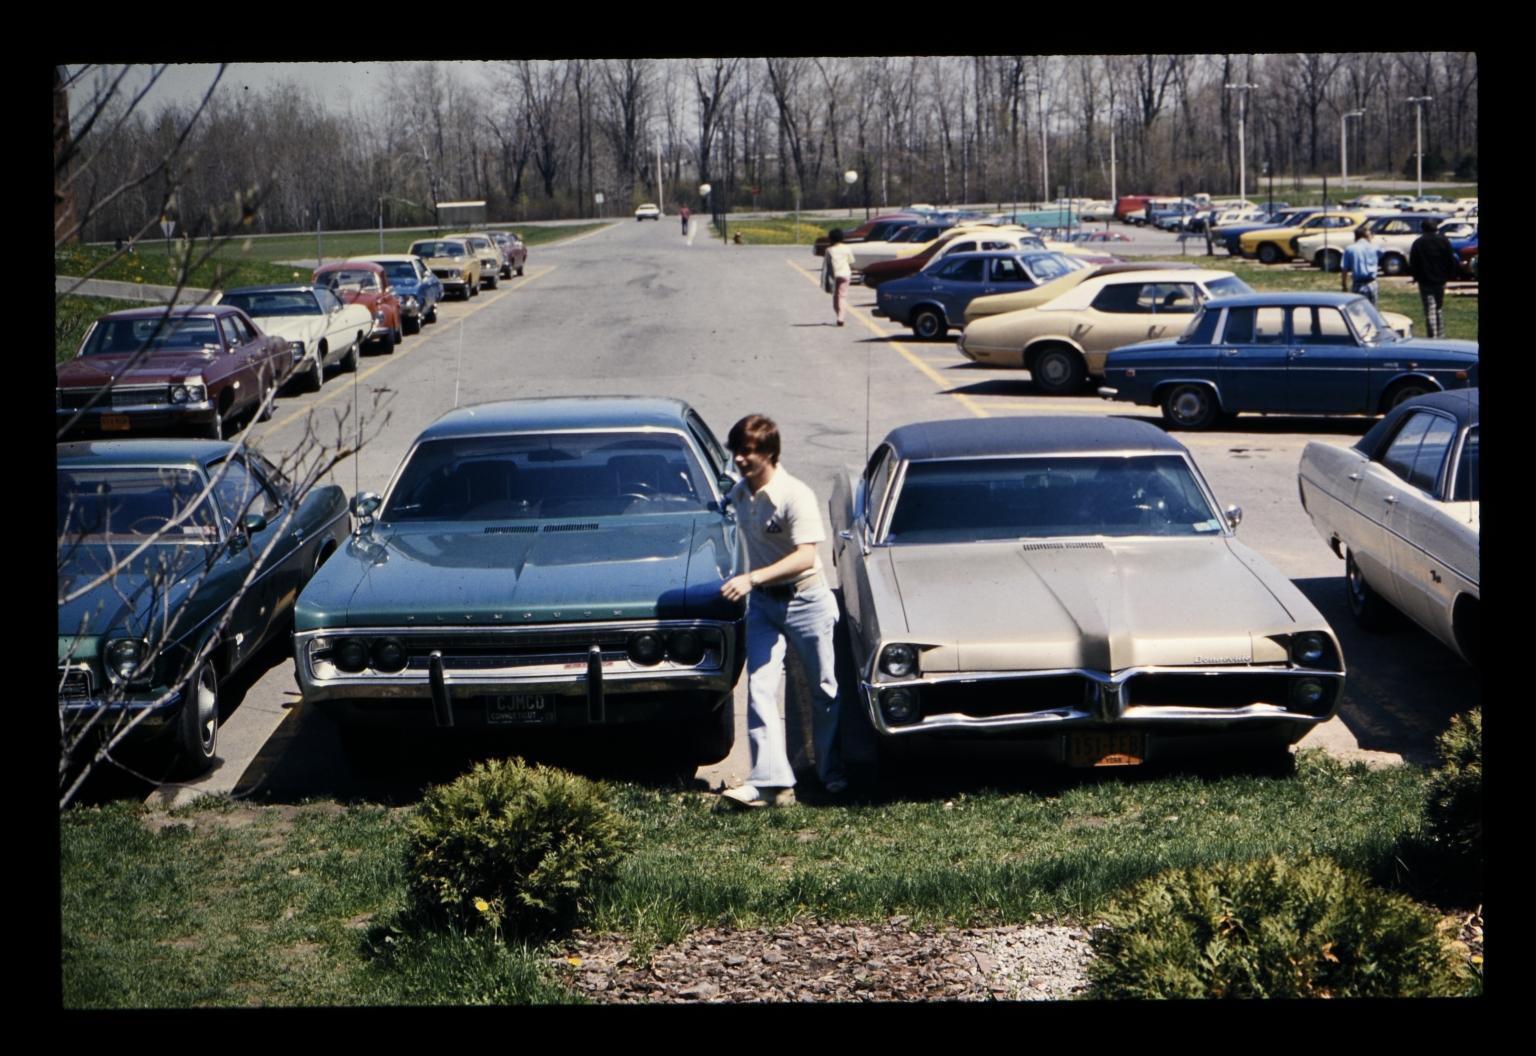 RIT parking lot